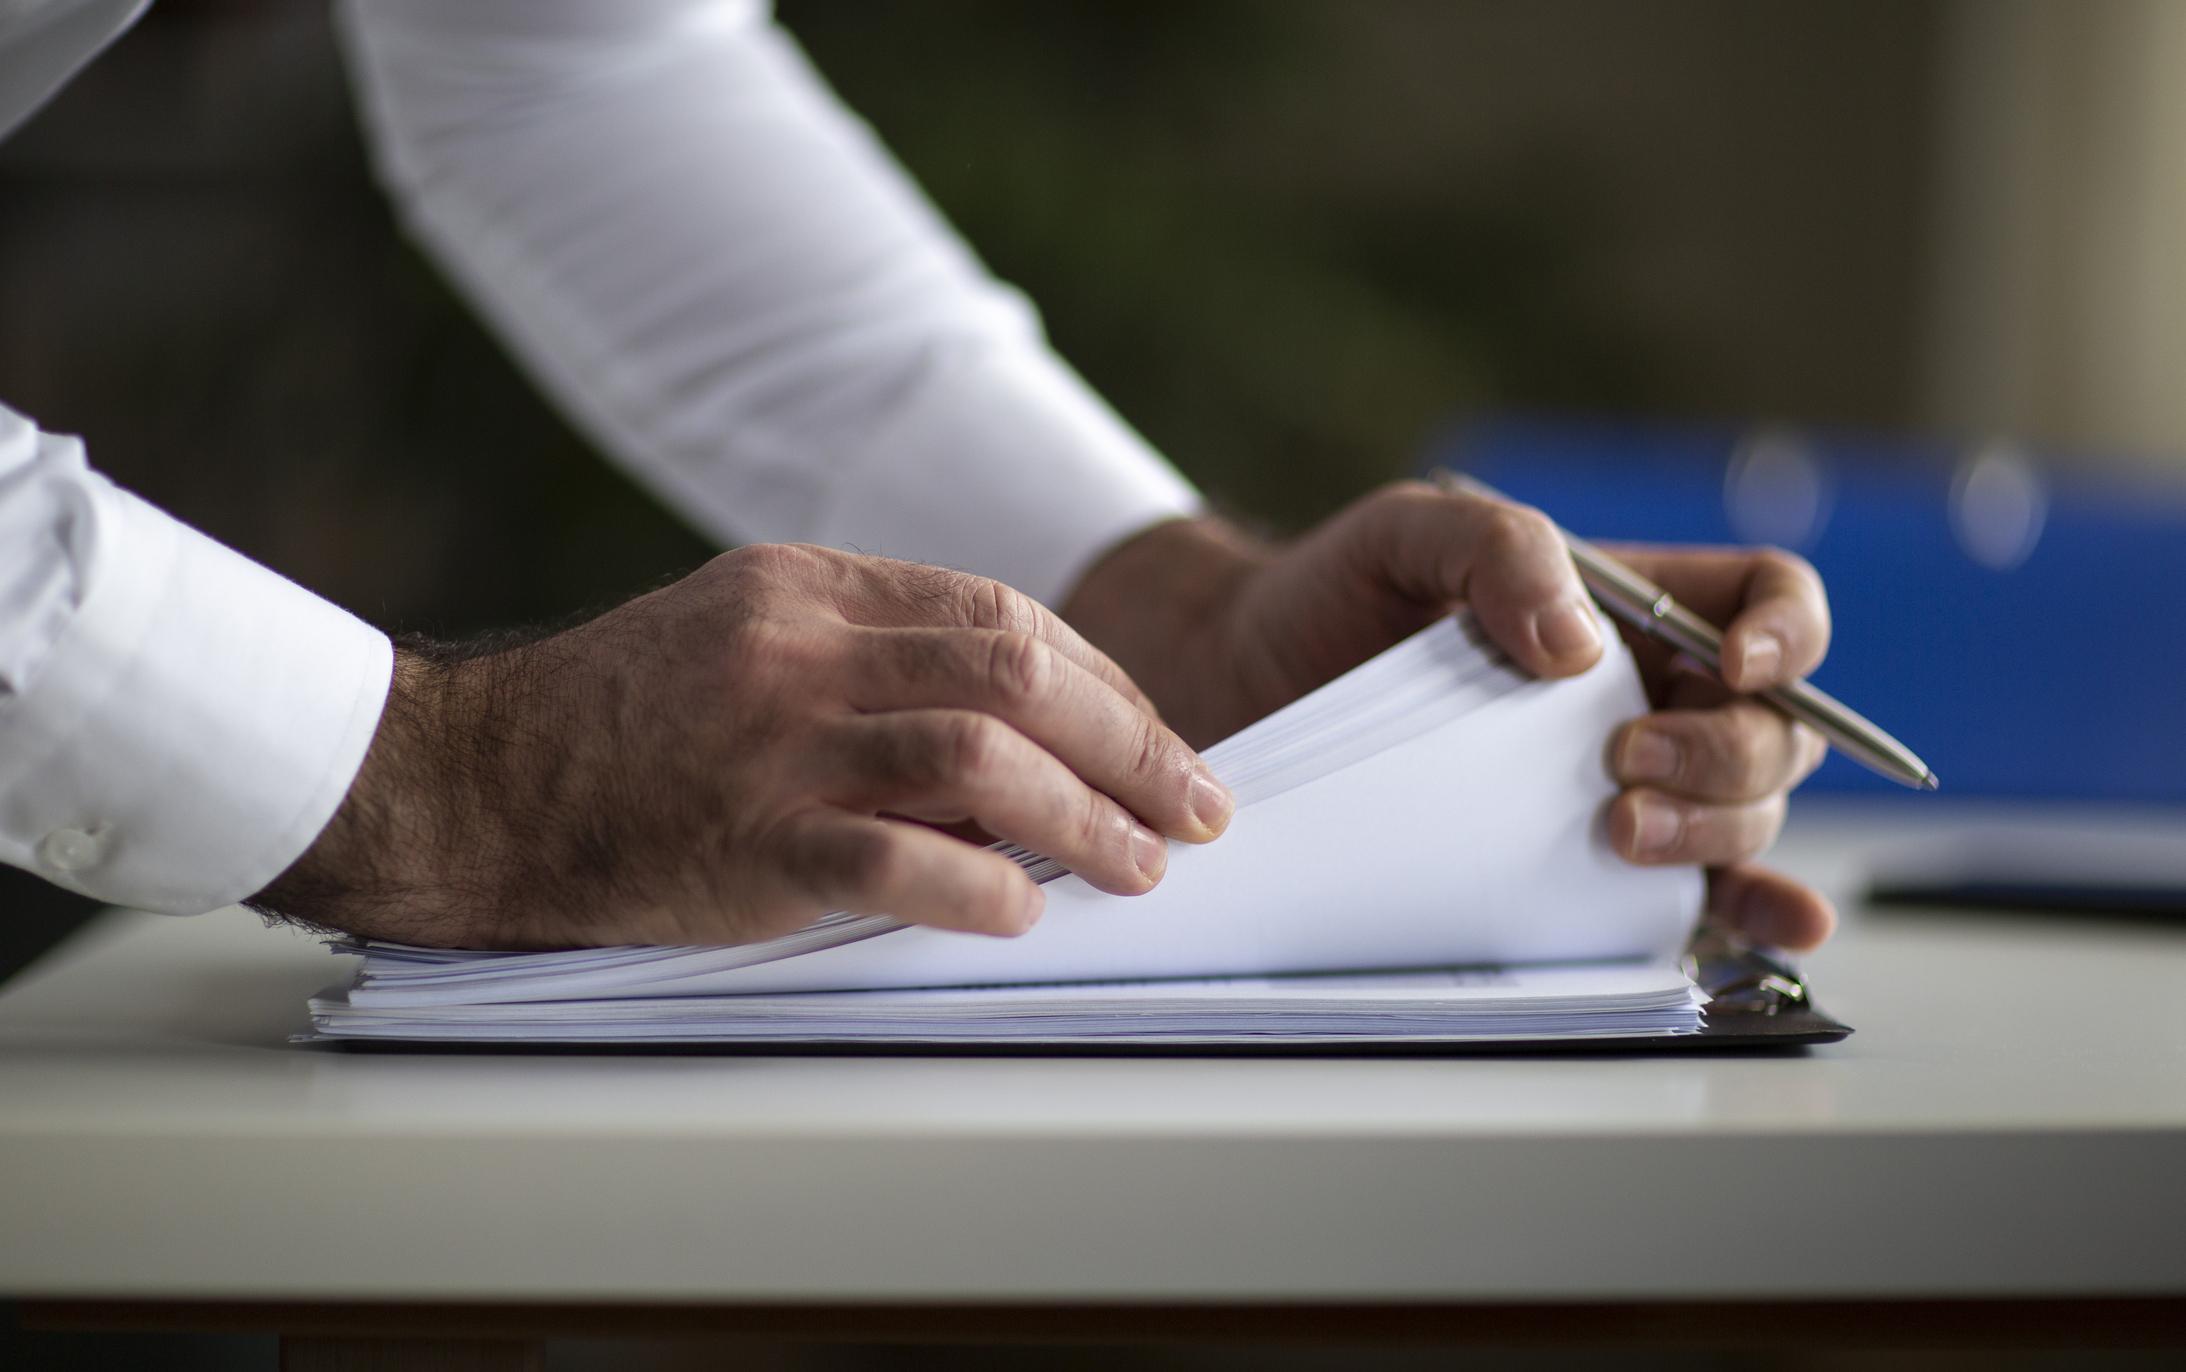 Detalhe de mãos de pessoa em roupas formais manuseando documentos com caneta